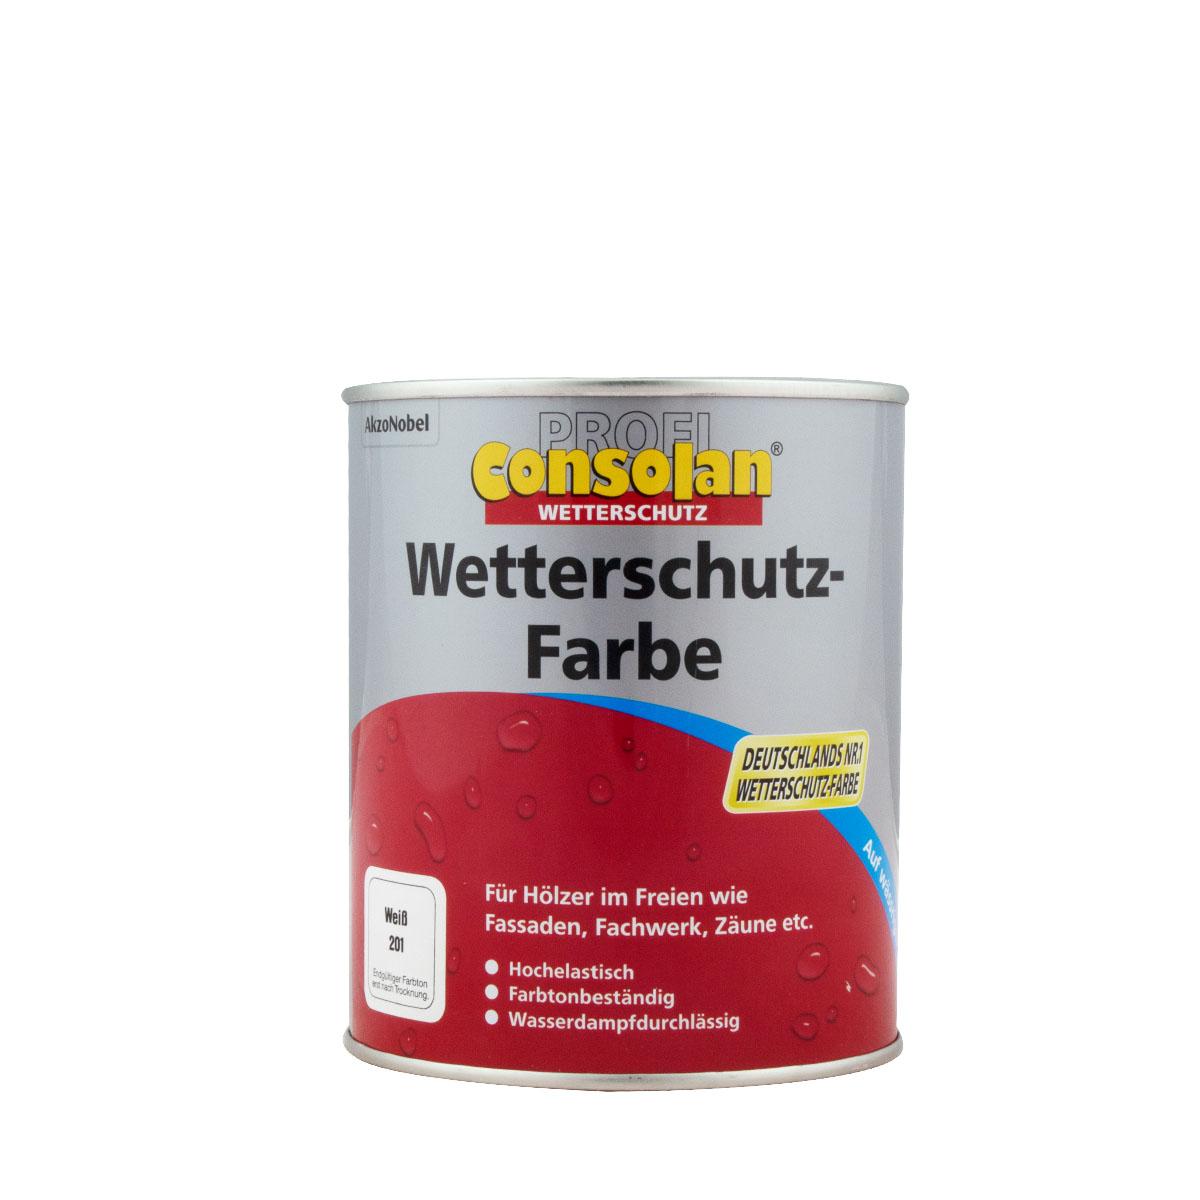 Consolan Profi Wetterschutz-Farbe 750ml versch. Farben